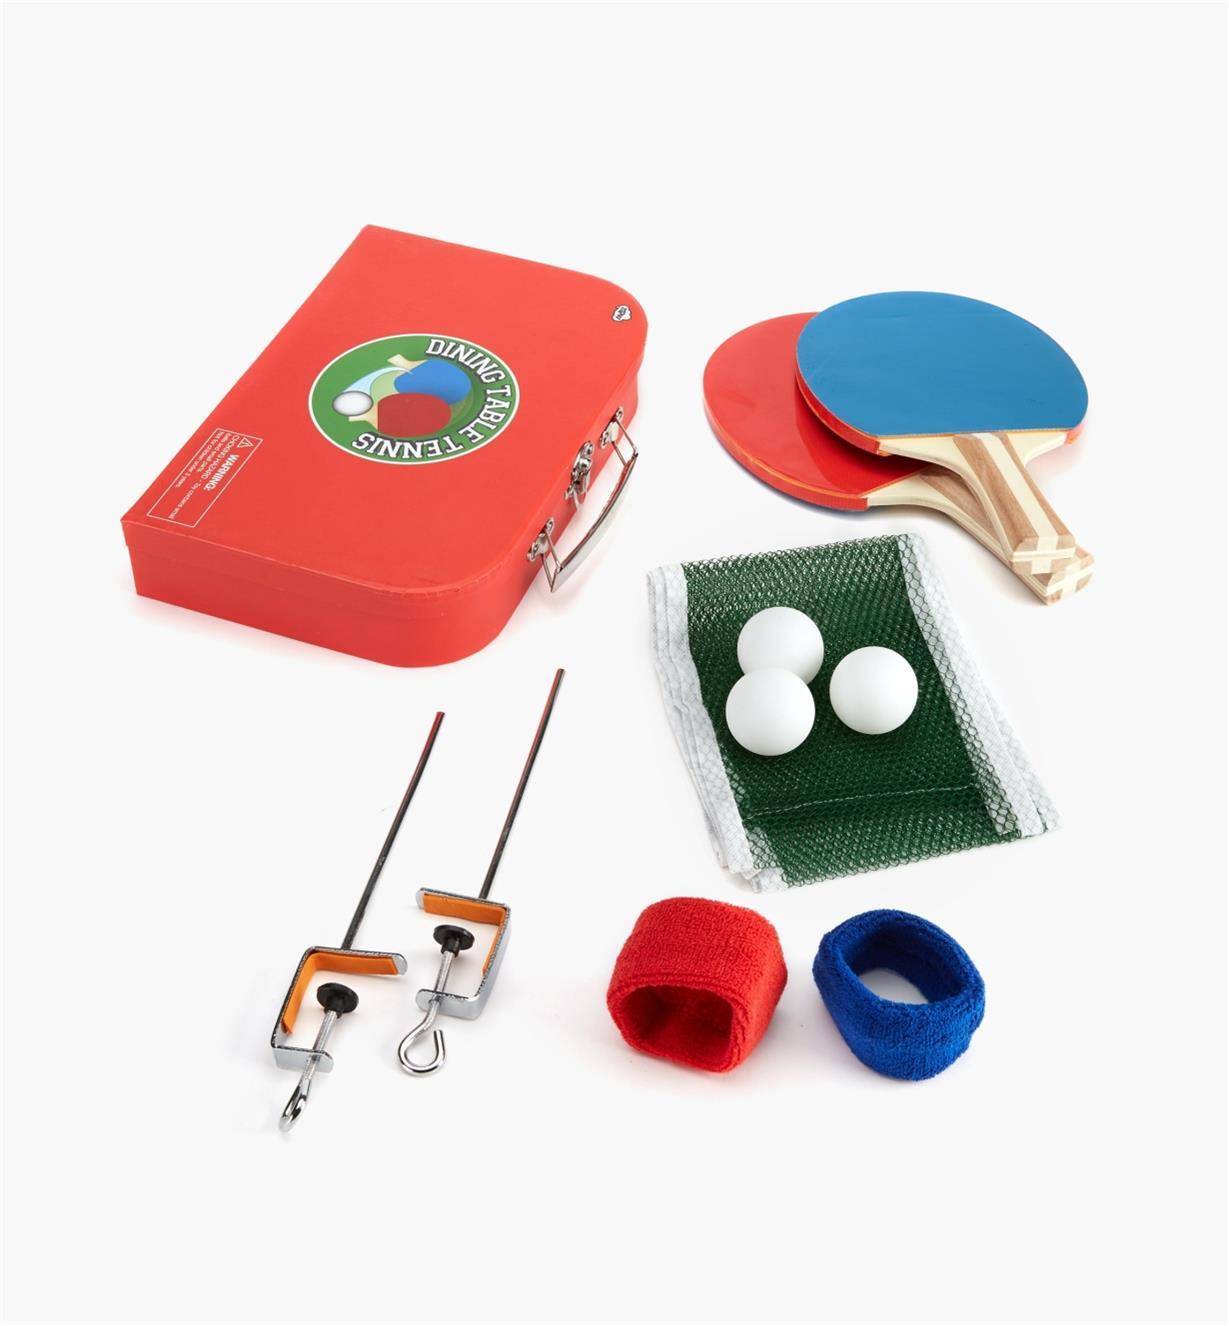 45K2247 - Tabletop Tennis